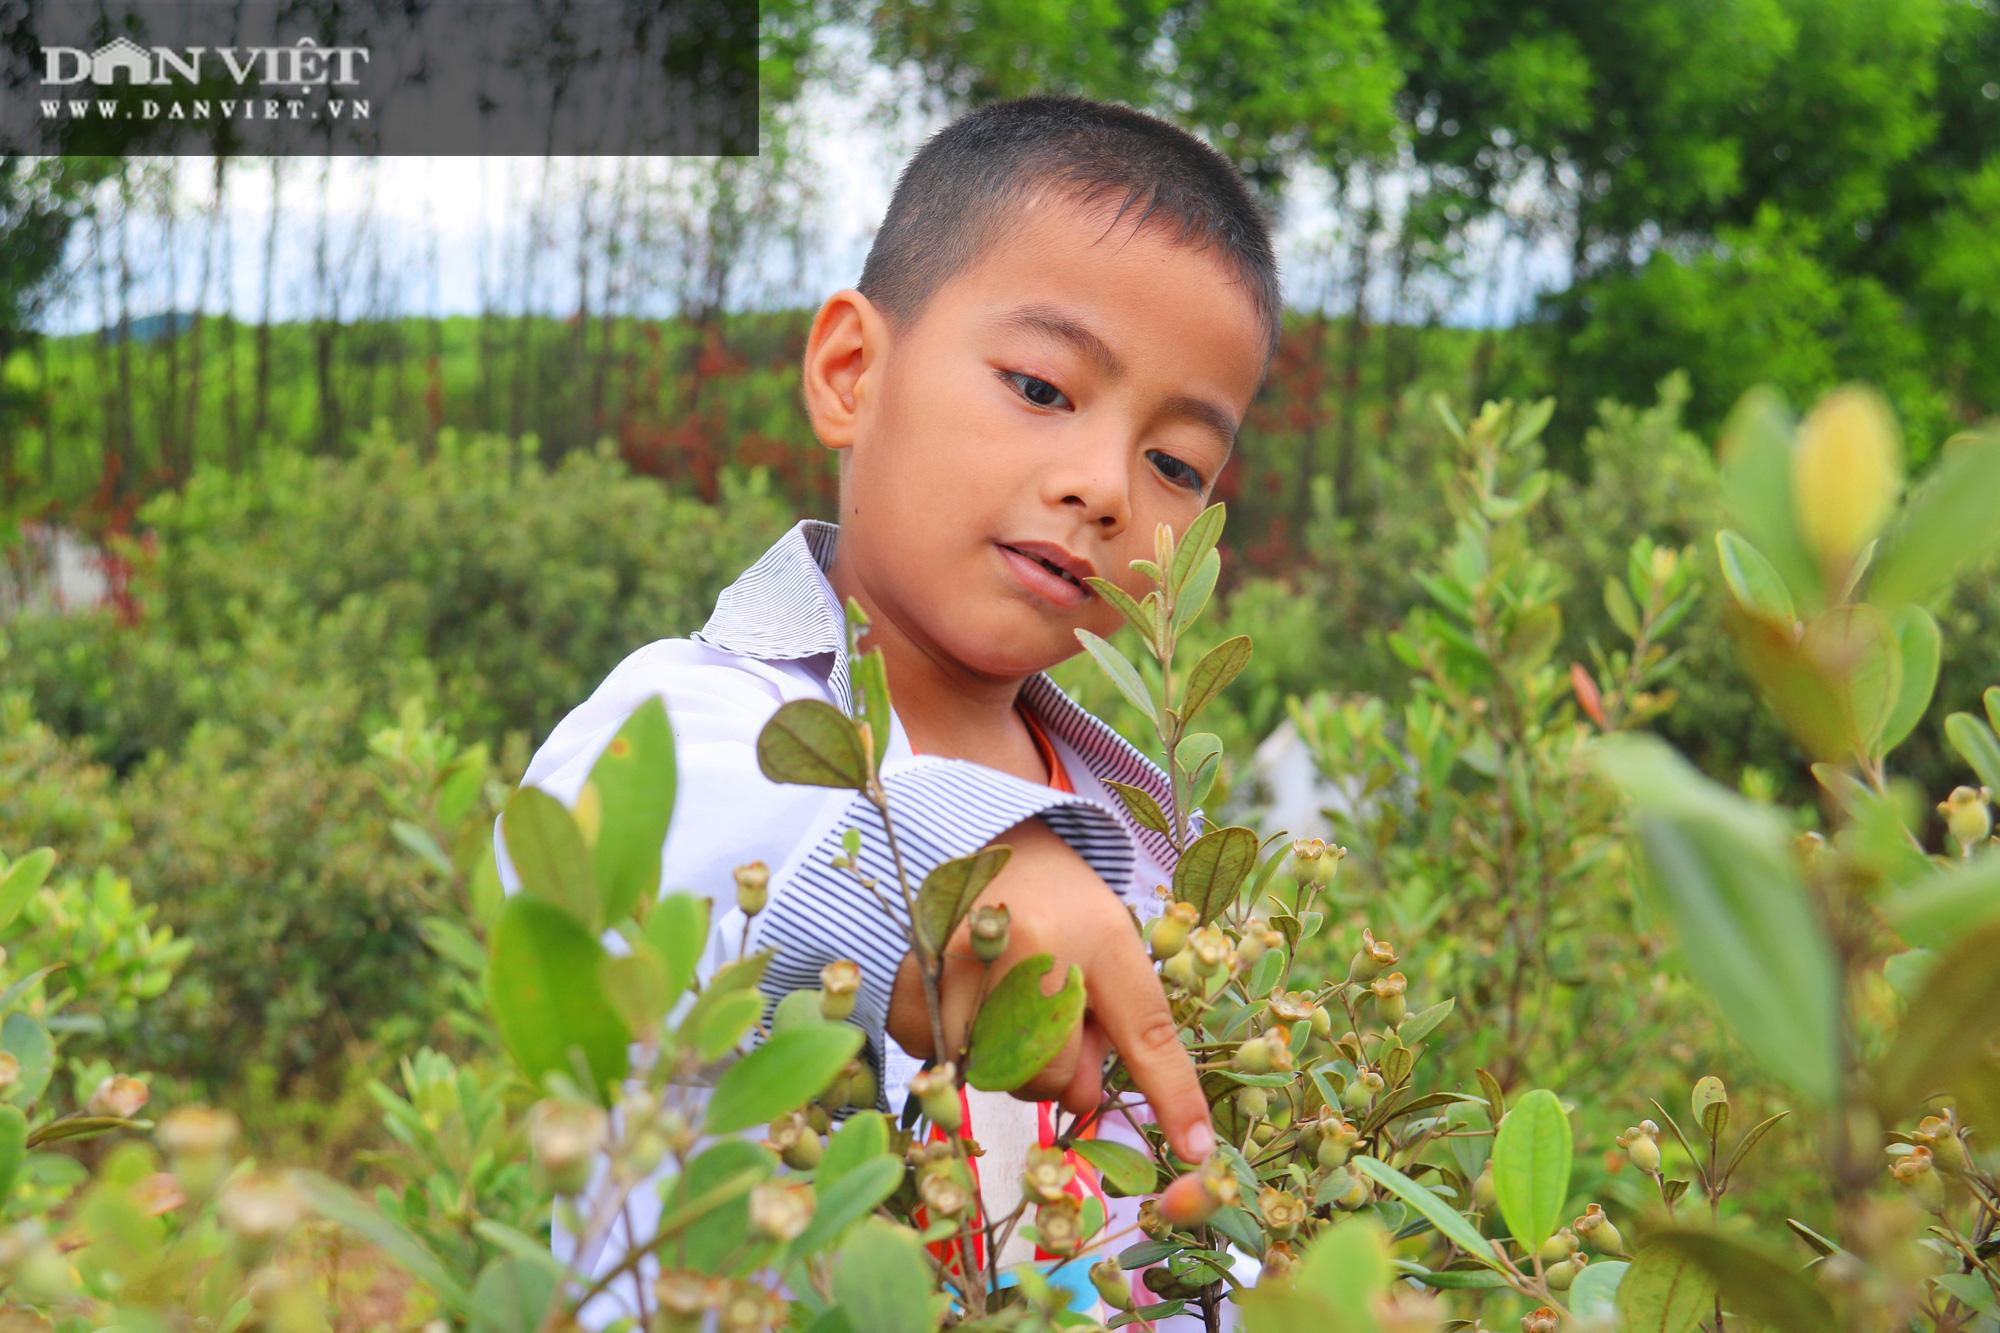 Hà Tĩnh: Người dân đổ xô lên đồi hái sim rừng, kiếm tiền triệu mỗi ngày - Ảnh 1.